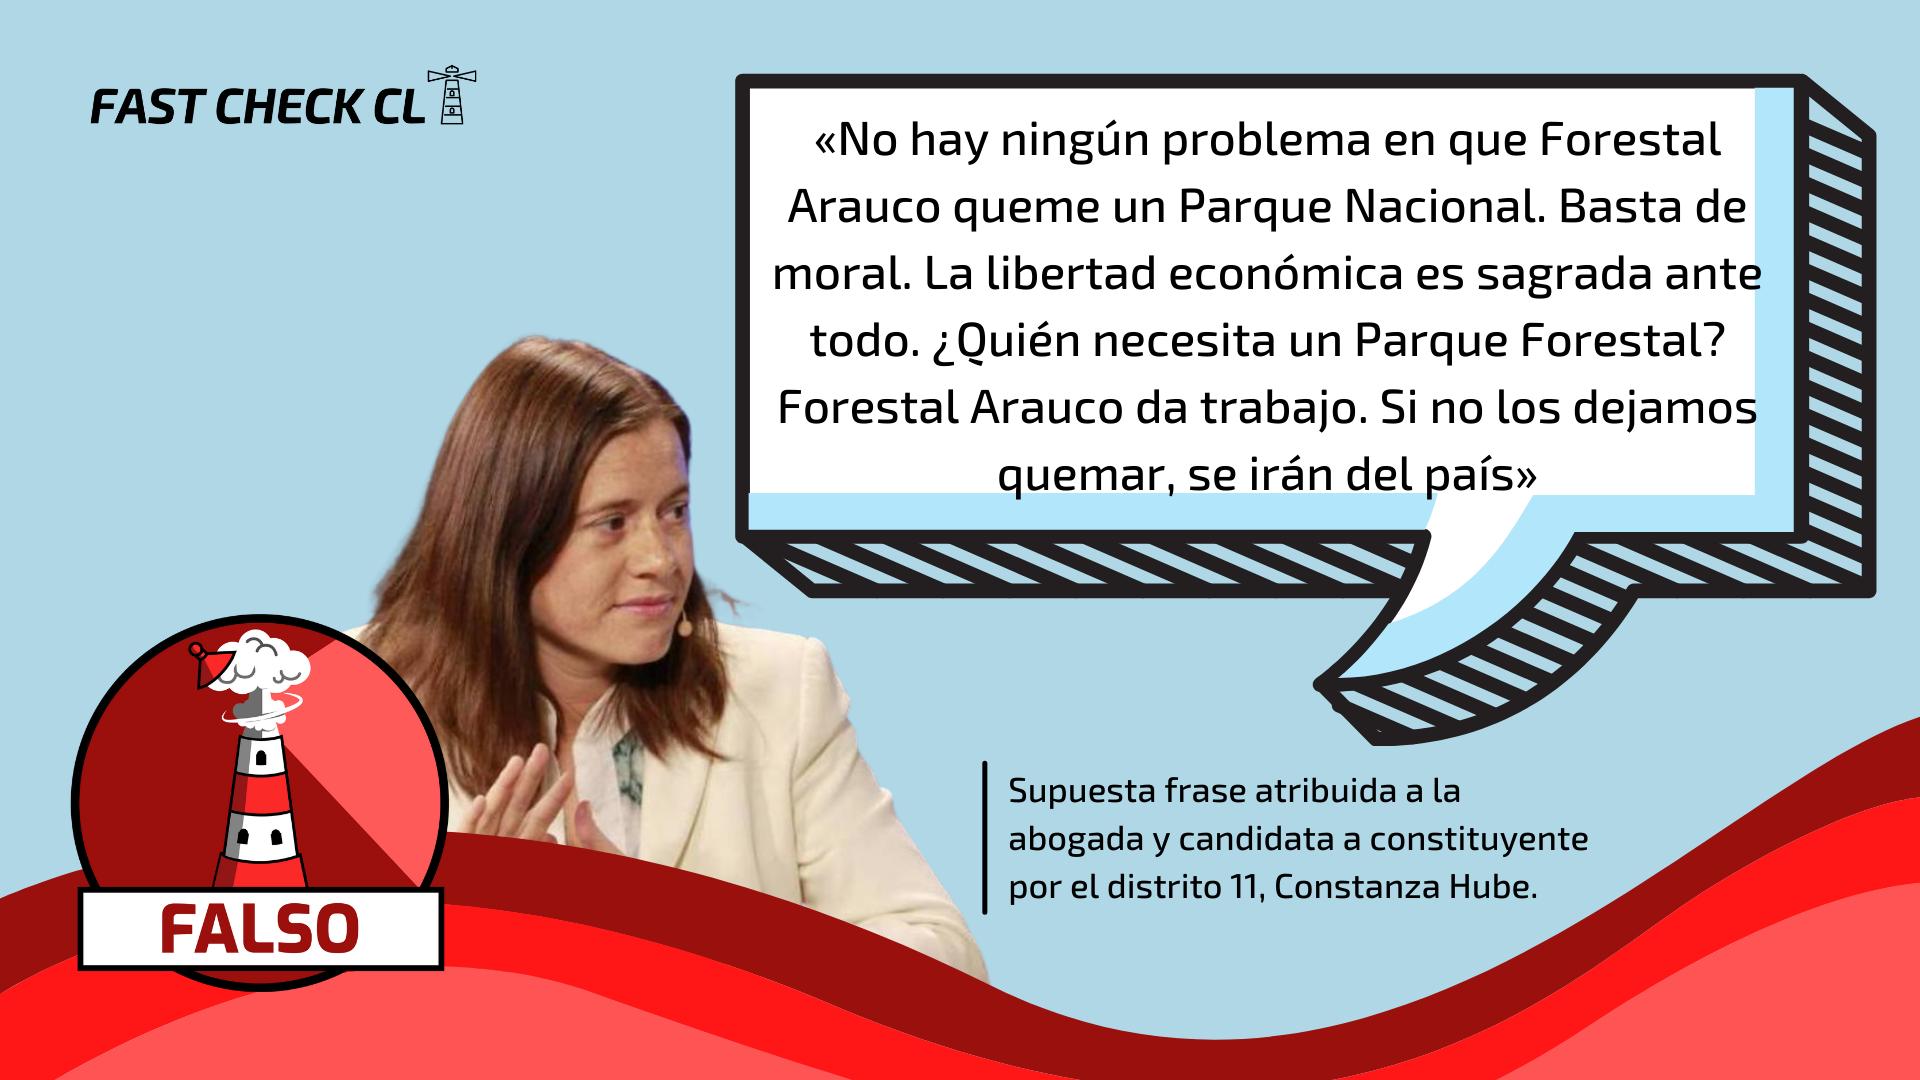 Constanza Hube: «No hay ningún problema en que Forestal Arauco queme un Parque Nacional, la libertad económica es sagrada ante todo»: #Falso